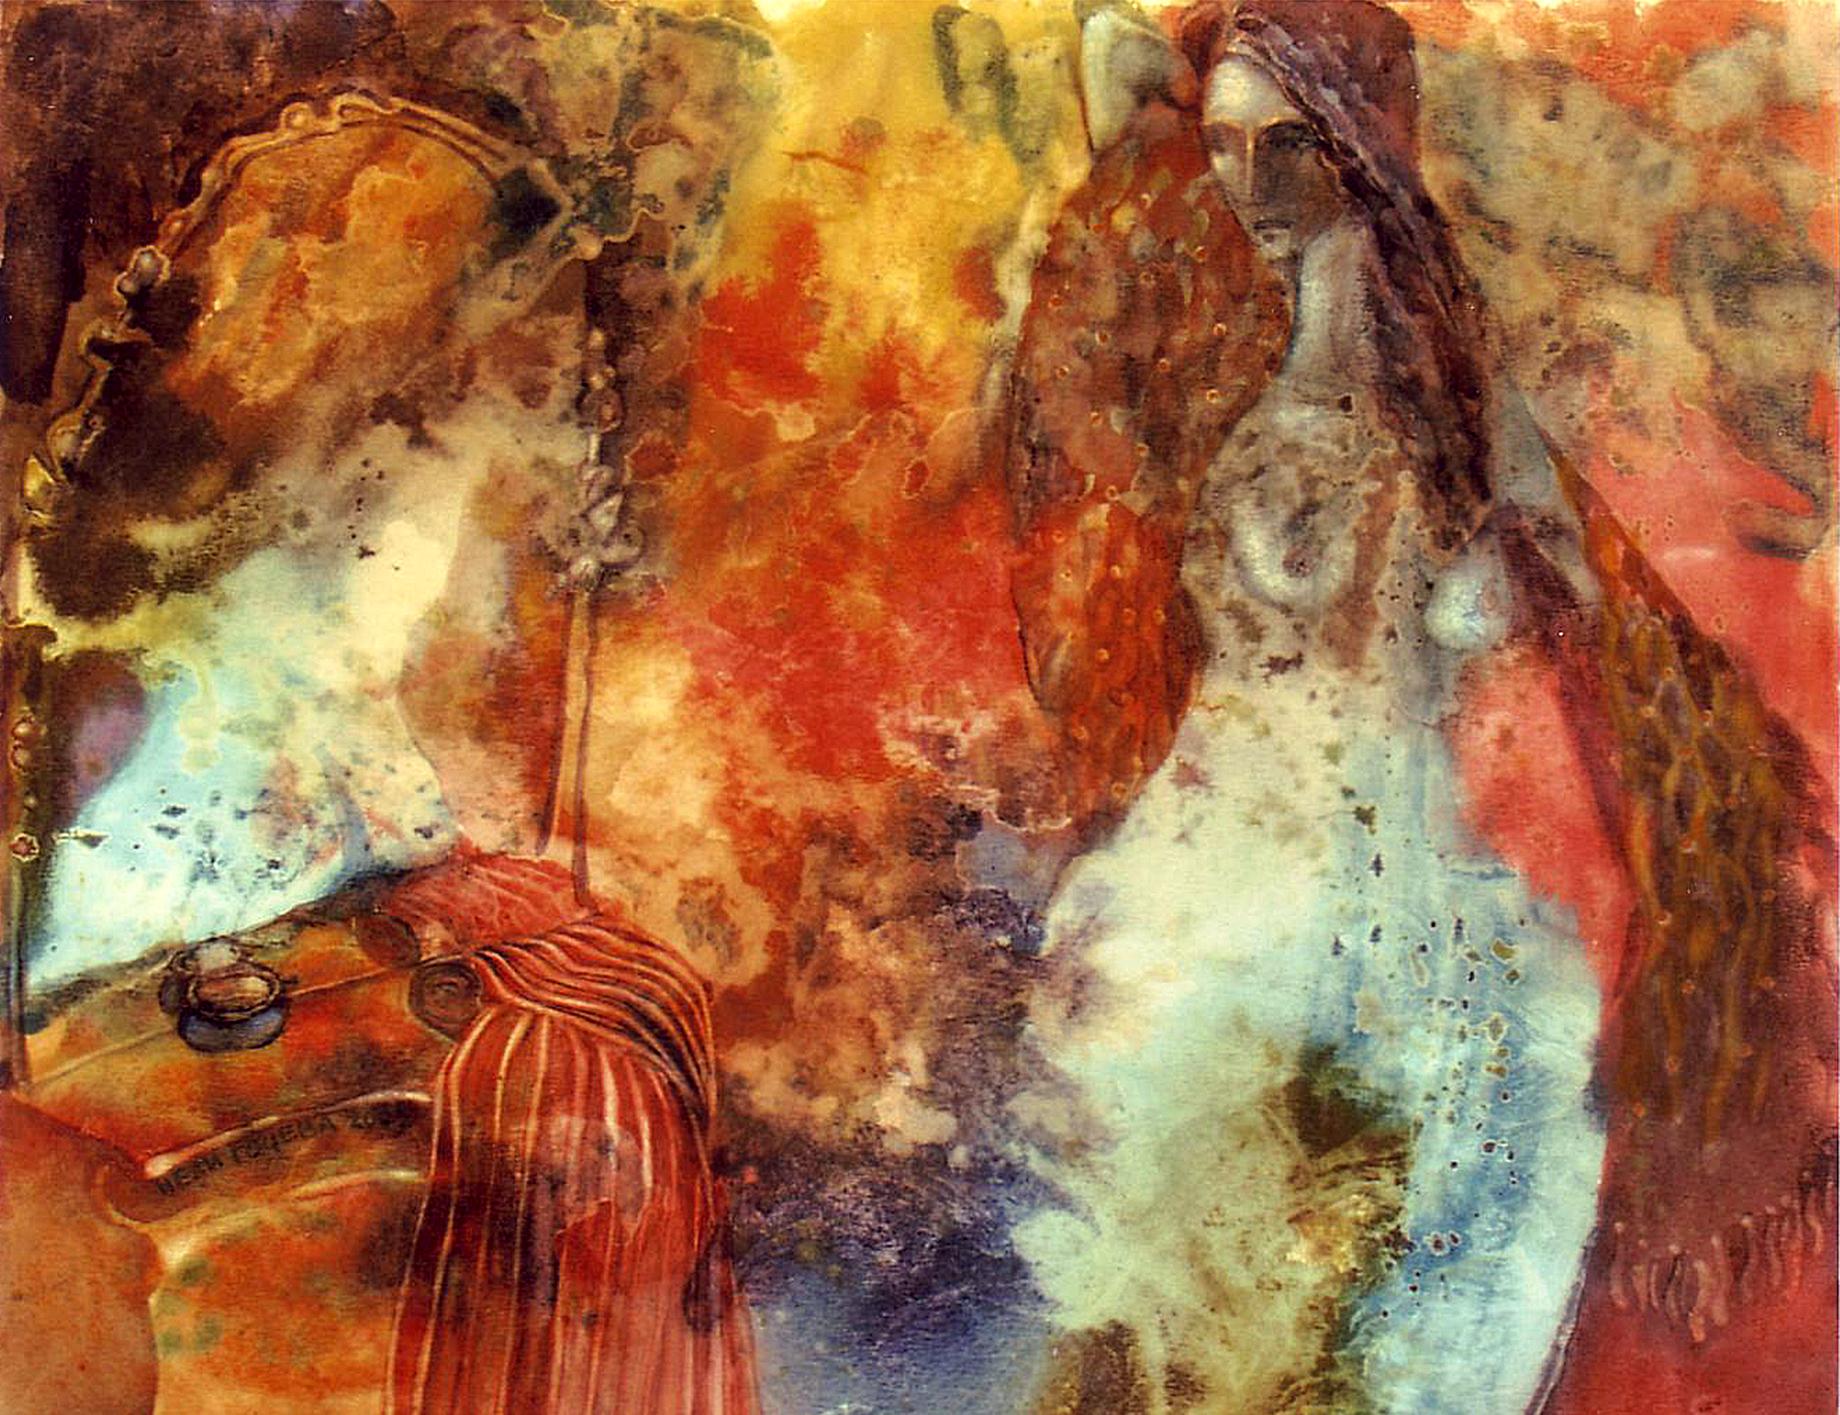 Naked Body artwork by Nelly Gocheva - art listed for sale on Artplode